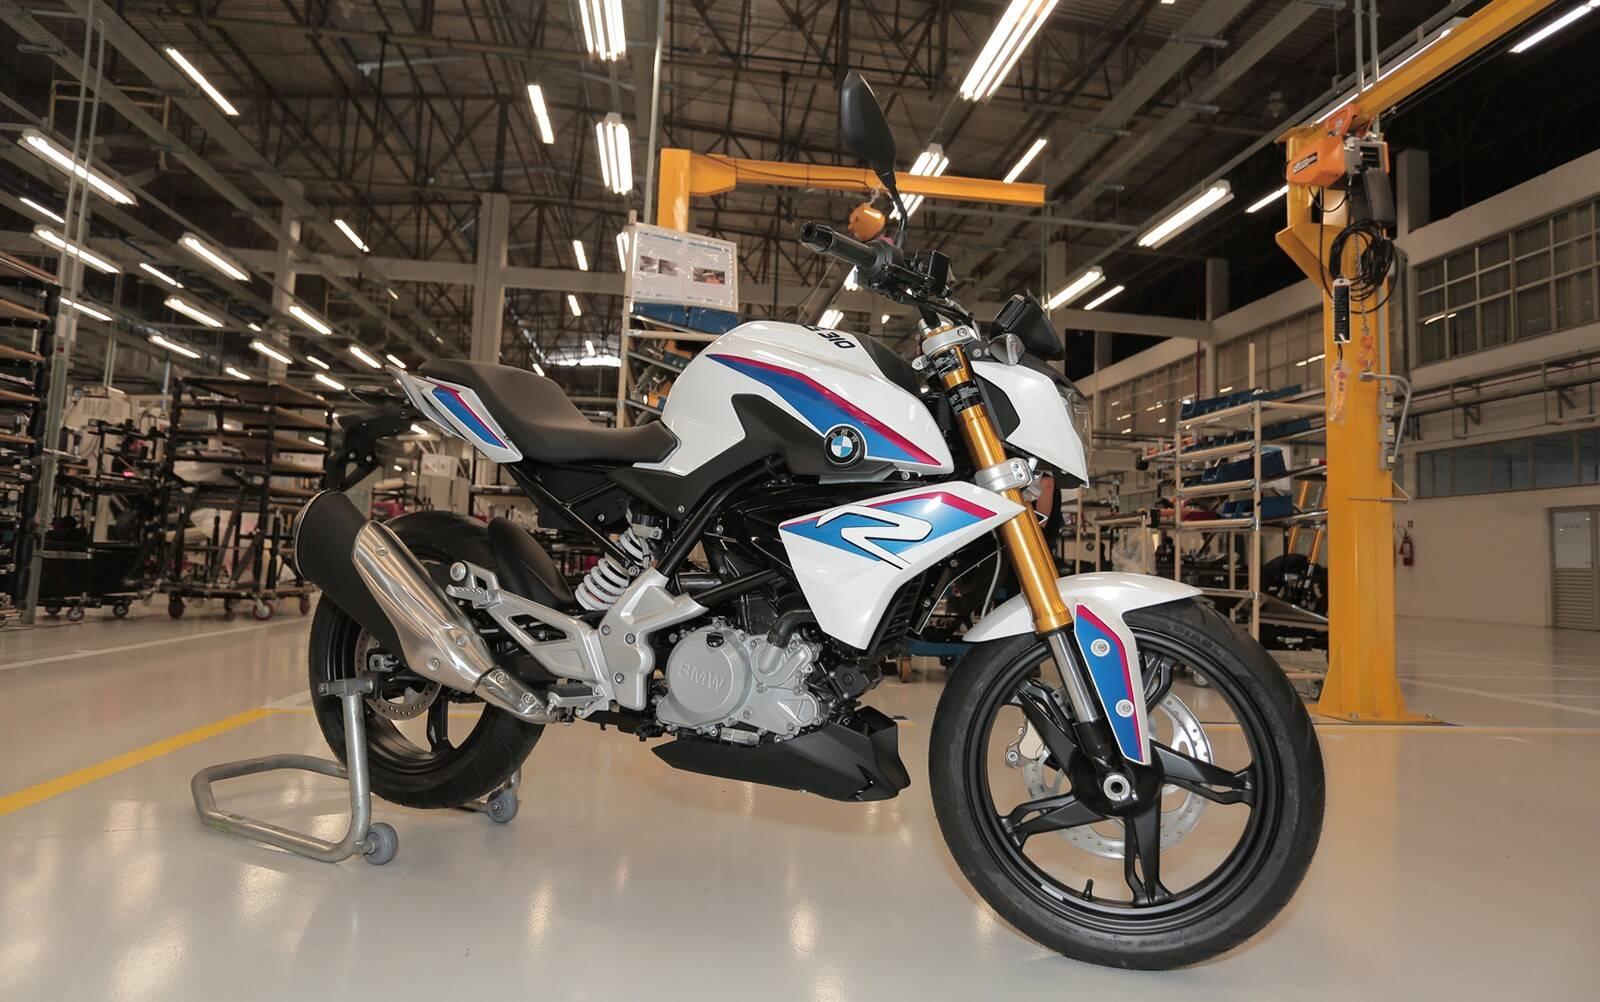 BMW G 310 R. Foto: Divulgação/BMW Motorrad